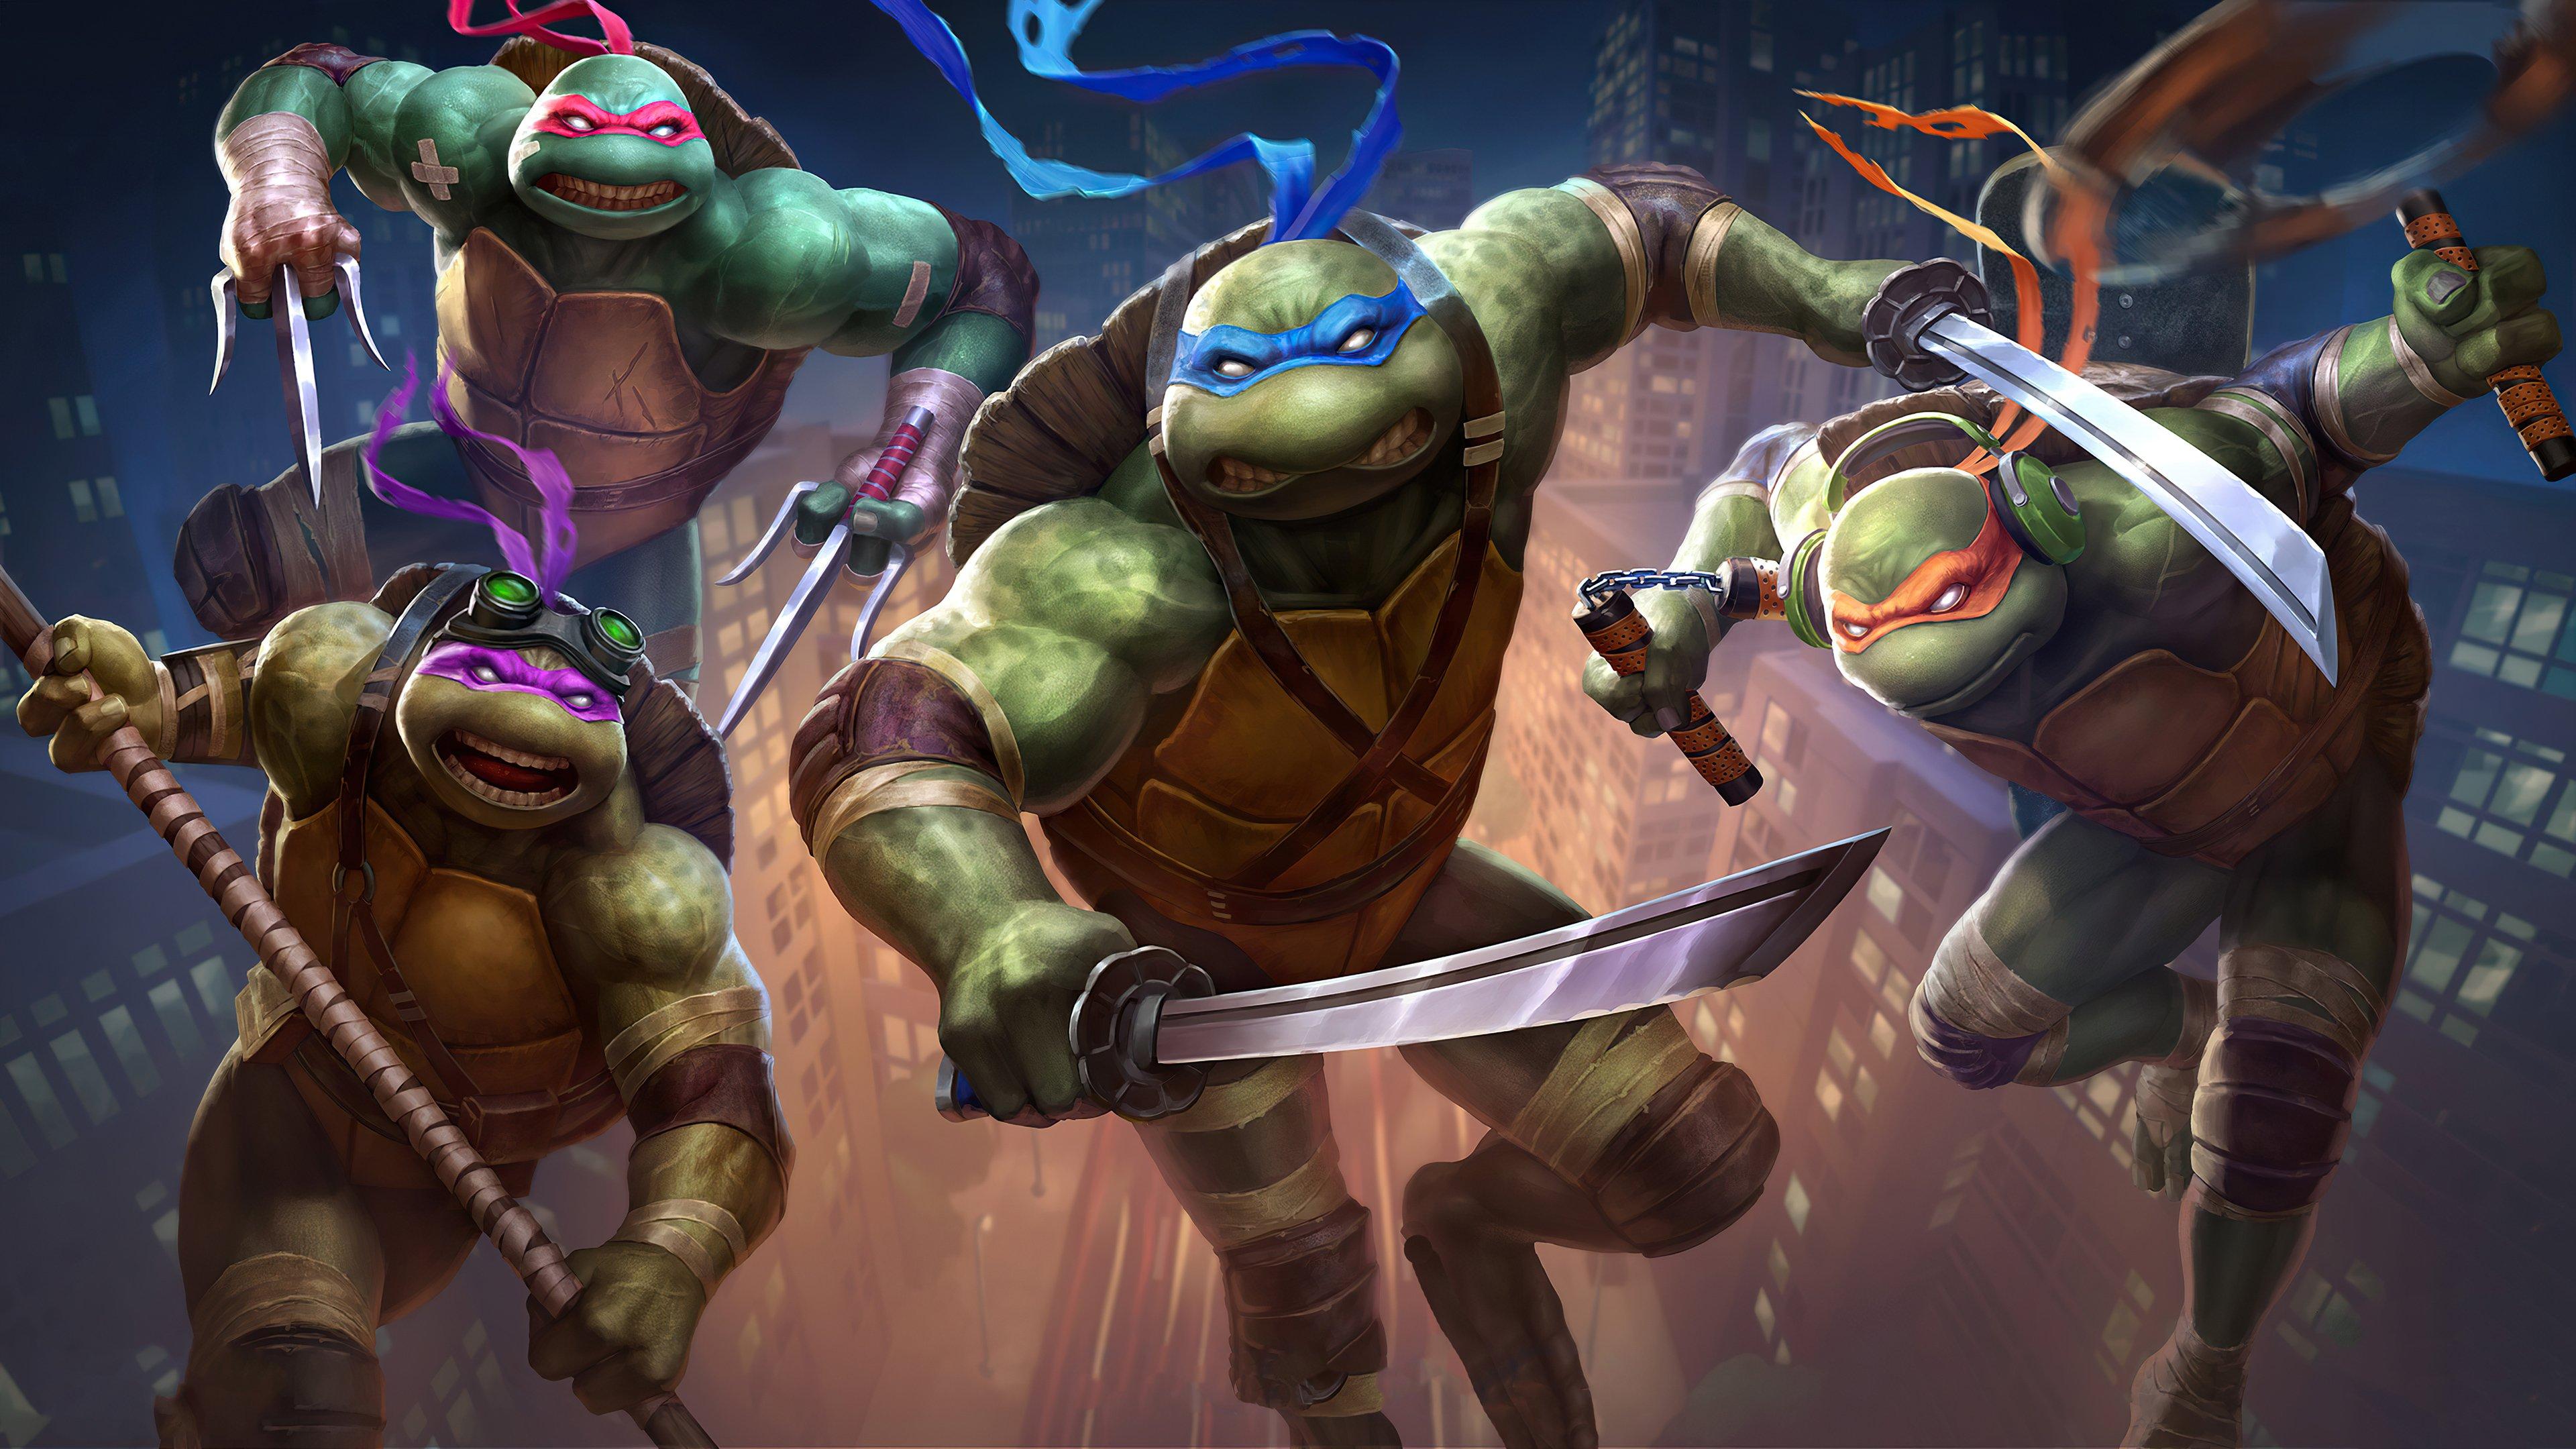 Wallpaper Teenage Mutant Ninja Turtles 2020